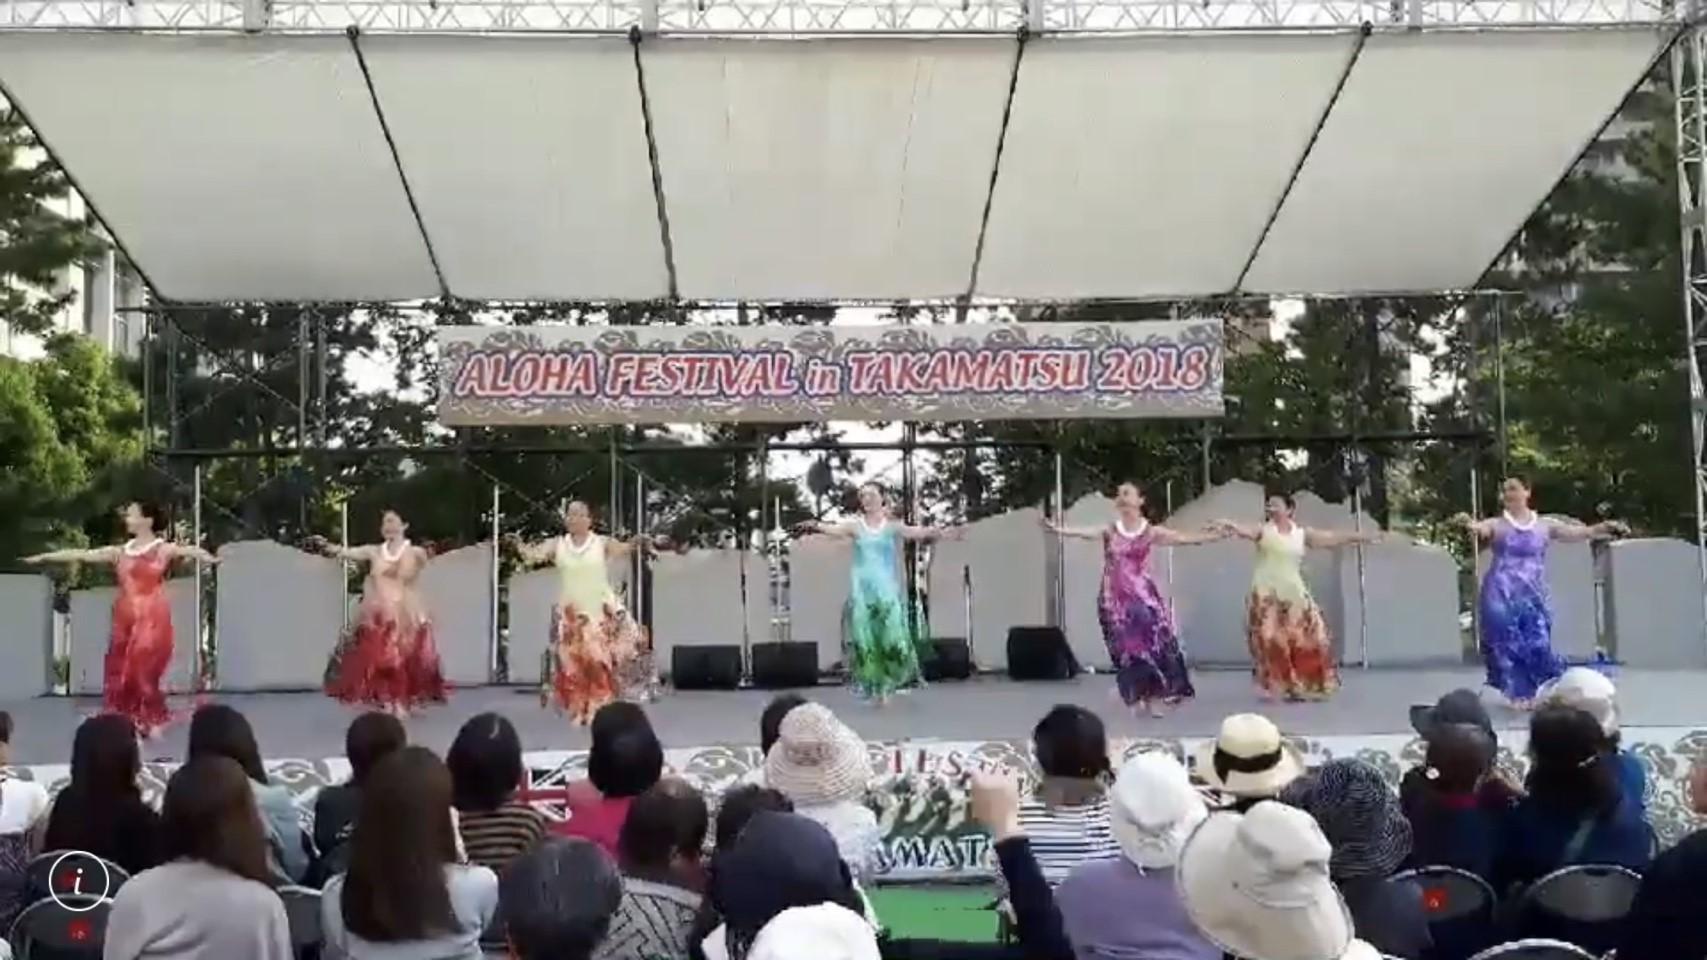 2019年5月11日(土)  Aloha Festival in 高松